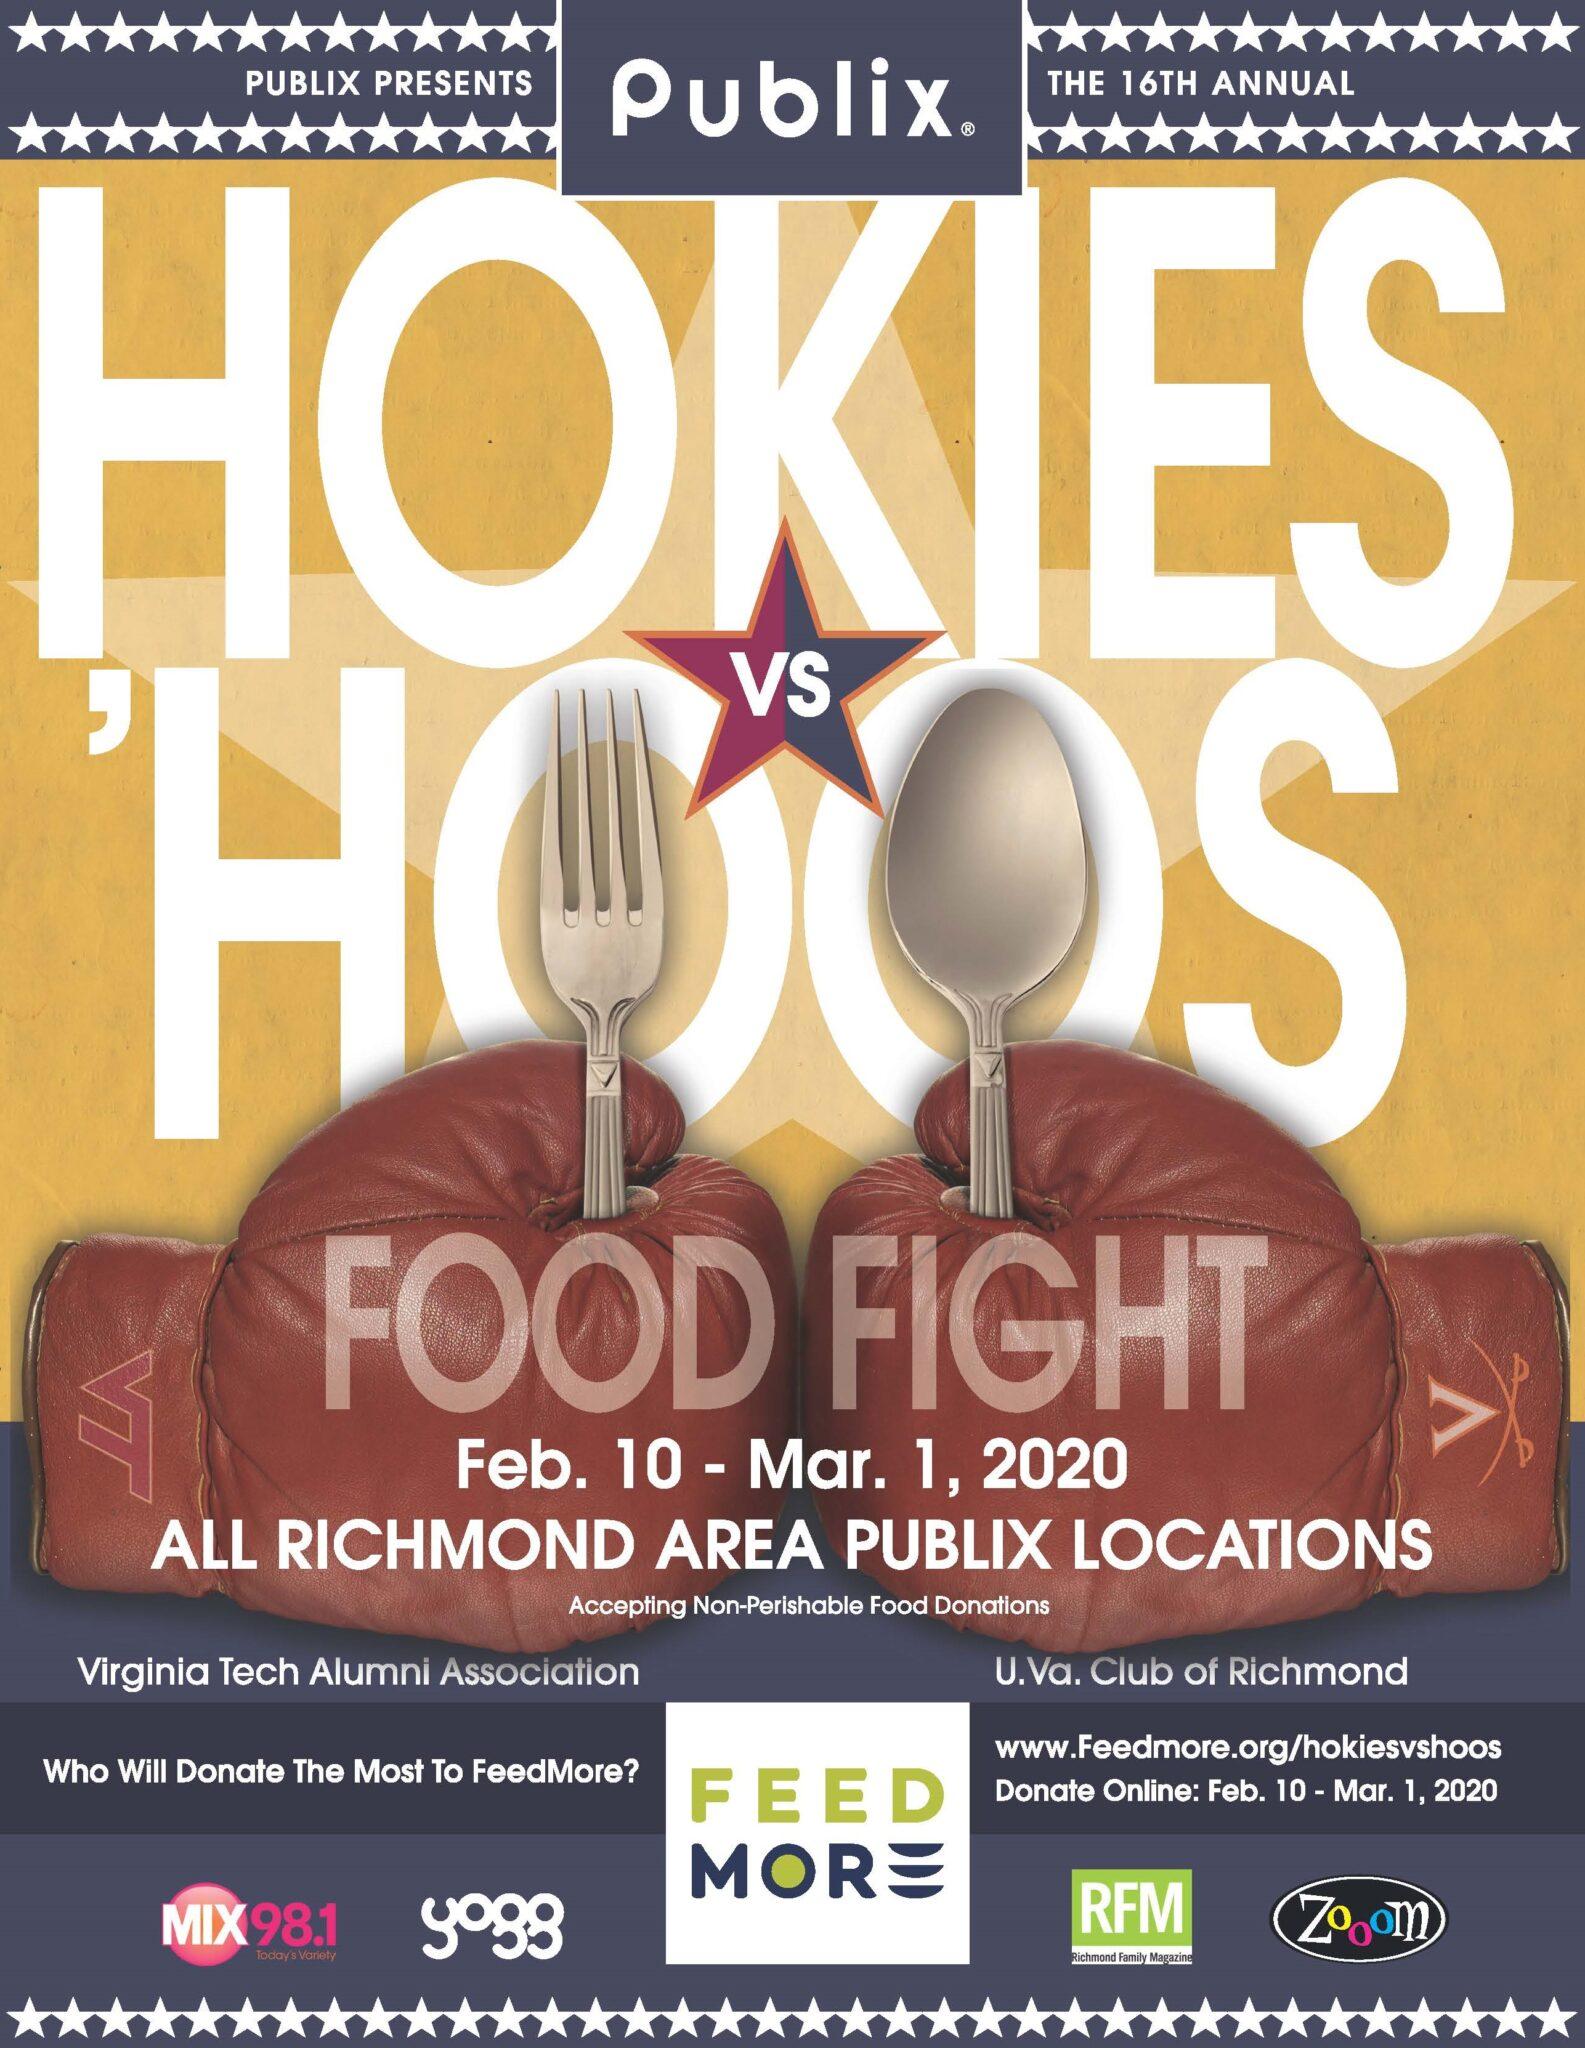 2020 Hokies vs Hoos Food Fight